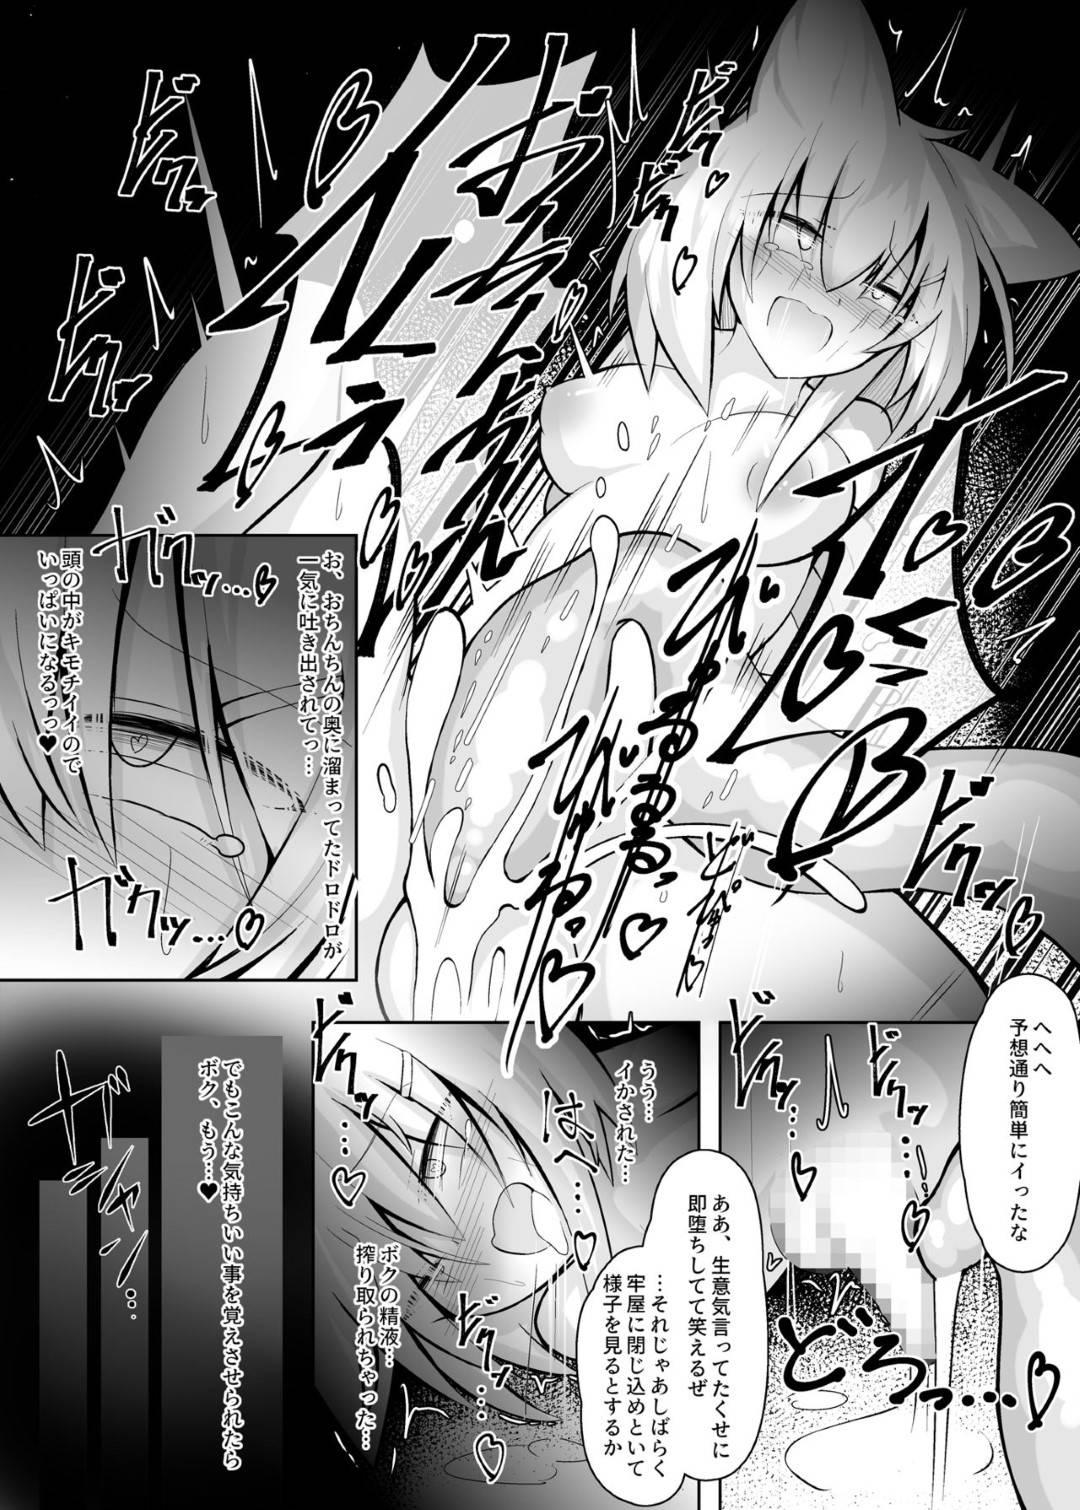 【エロ漫画】オークの囚われの身となってしまった獣少女。彼女はふたなりチンポを生やされてしまい触手で何度も絞られて強制射精させられる!